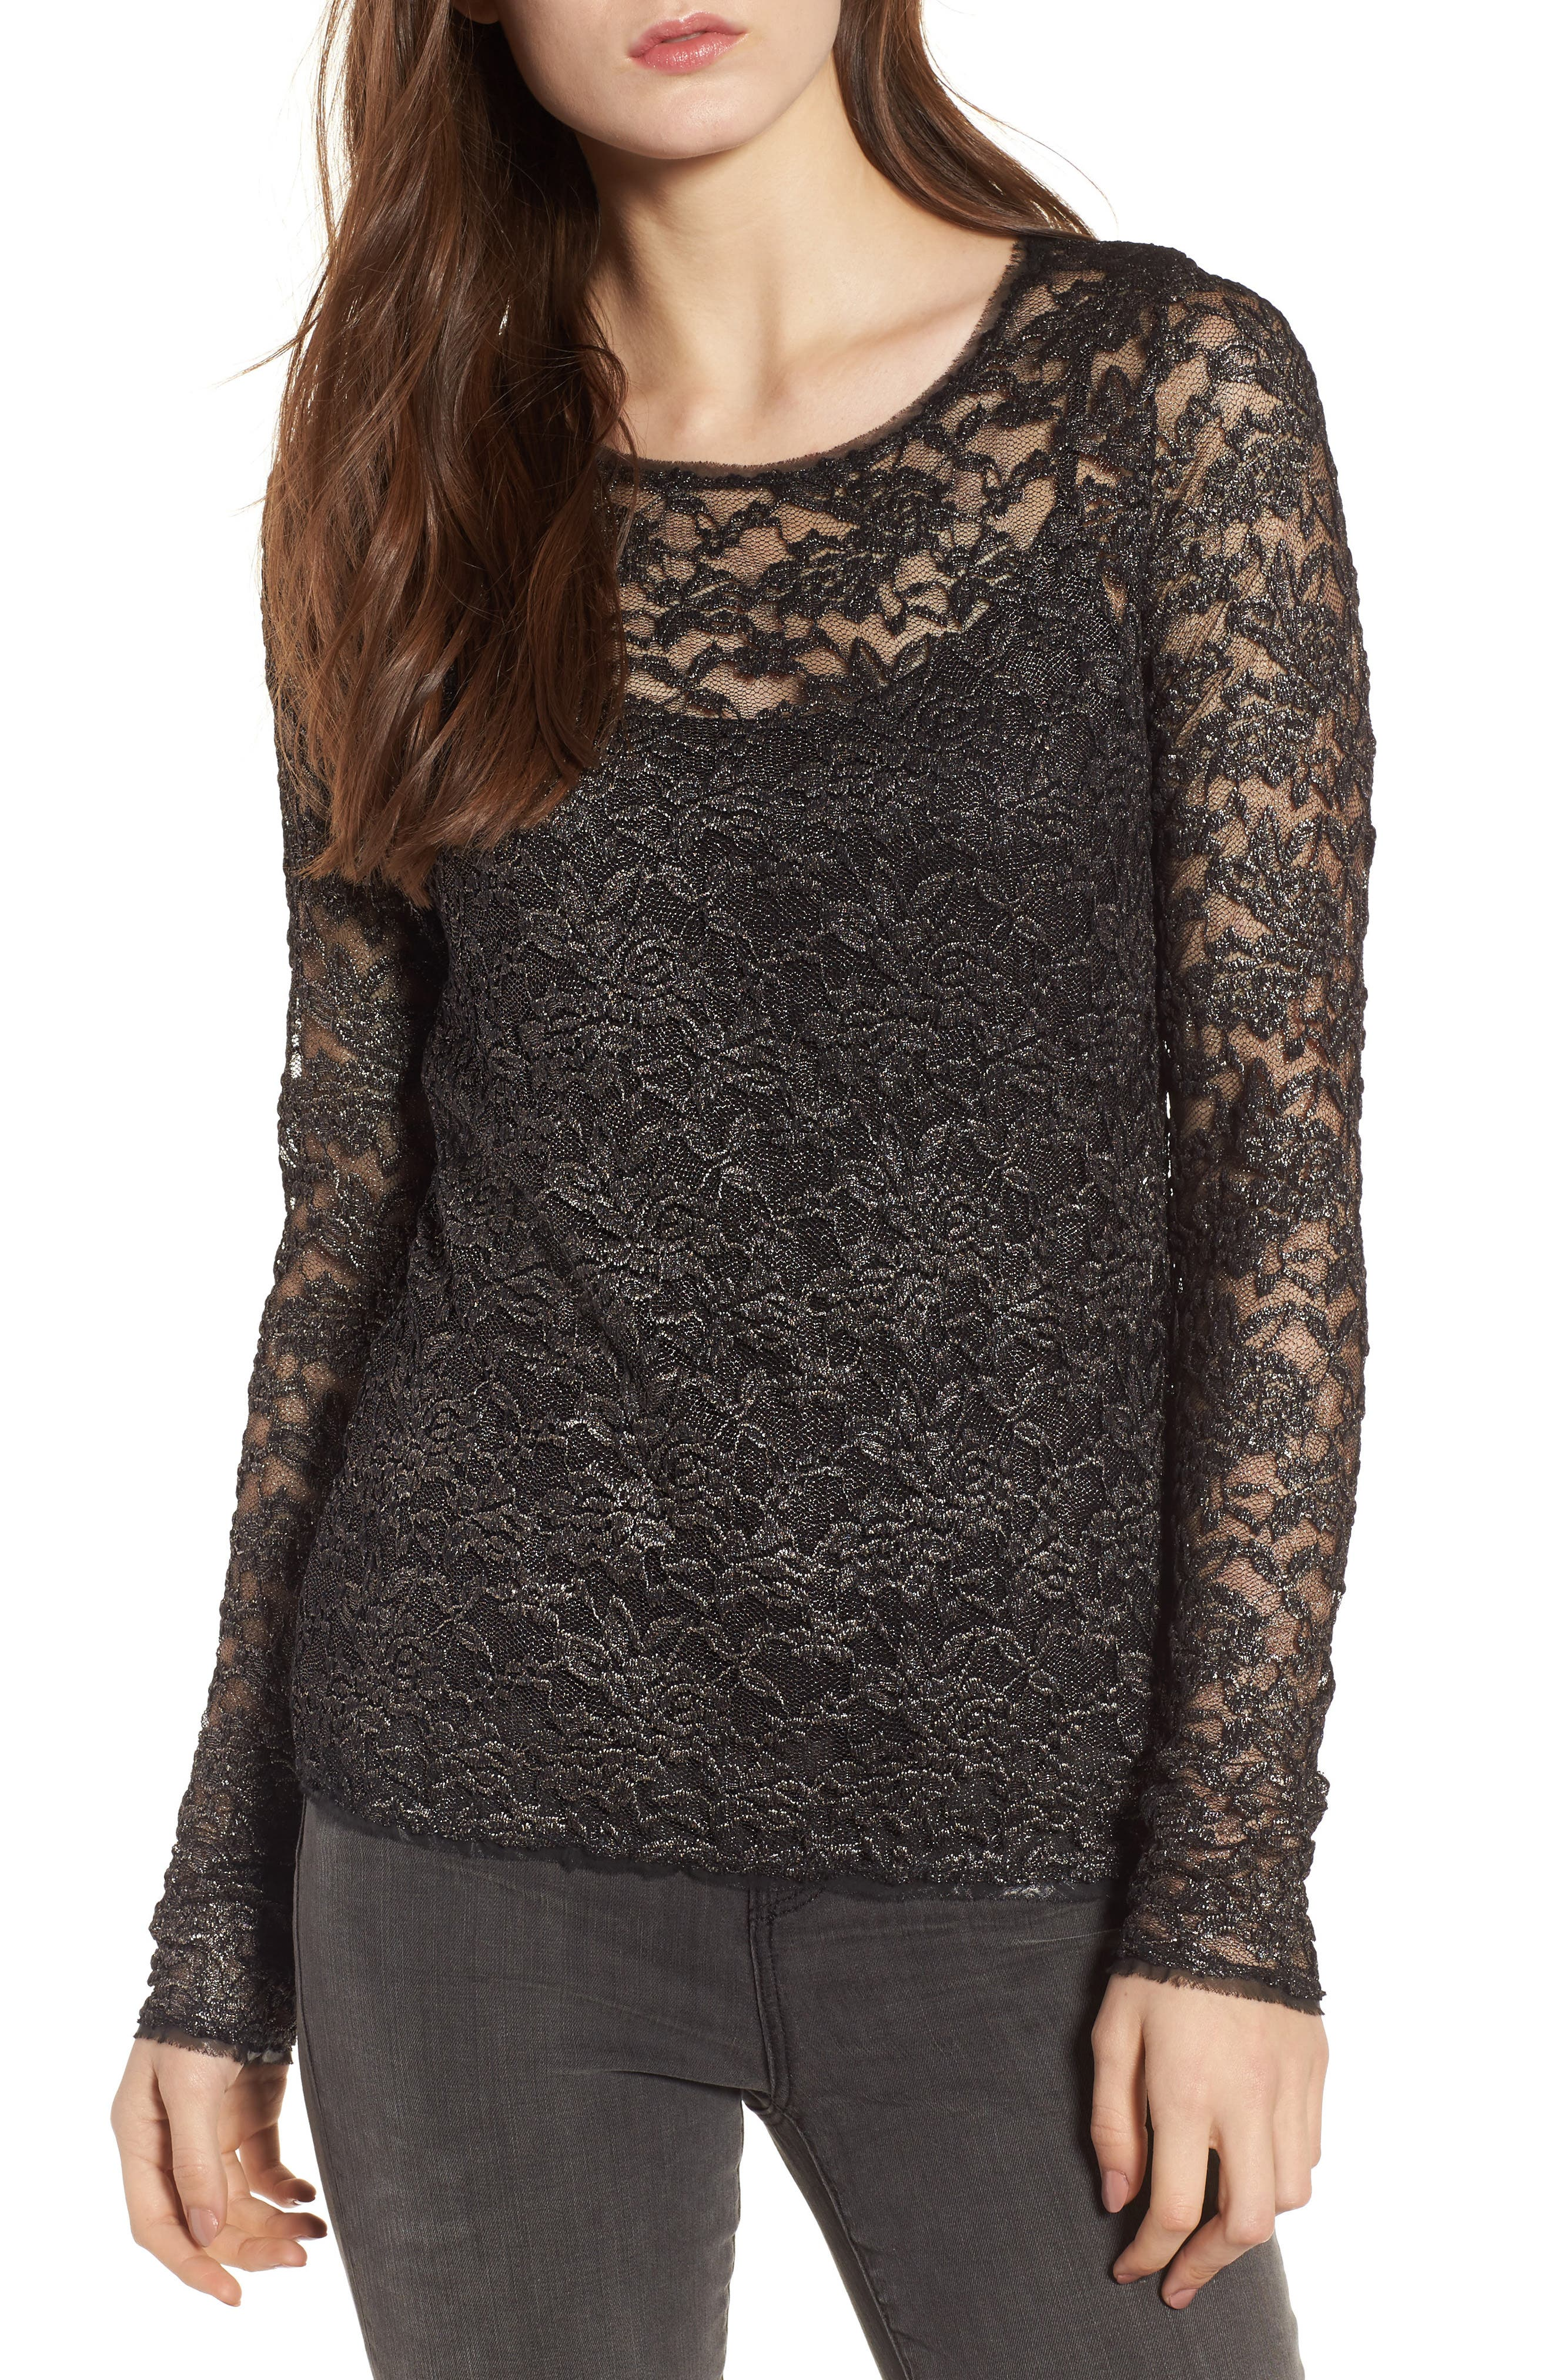 Final Cut Lace Top,                         Main,                         color, Black